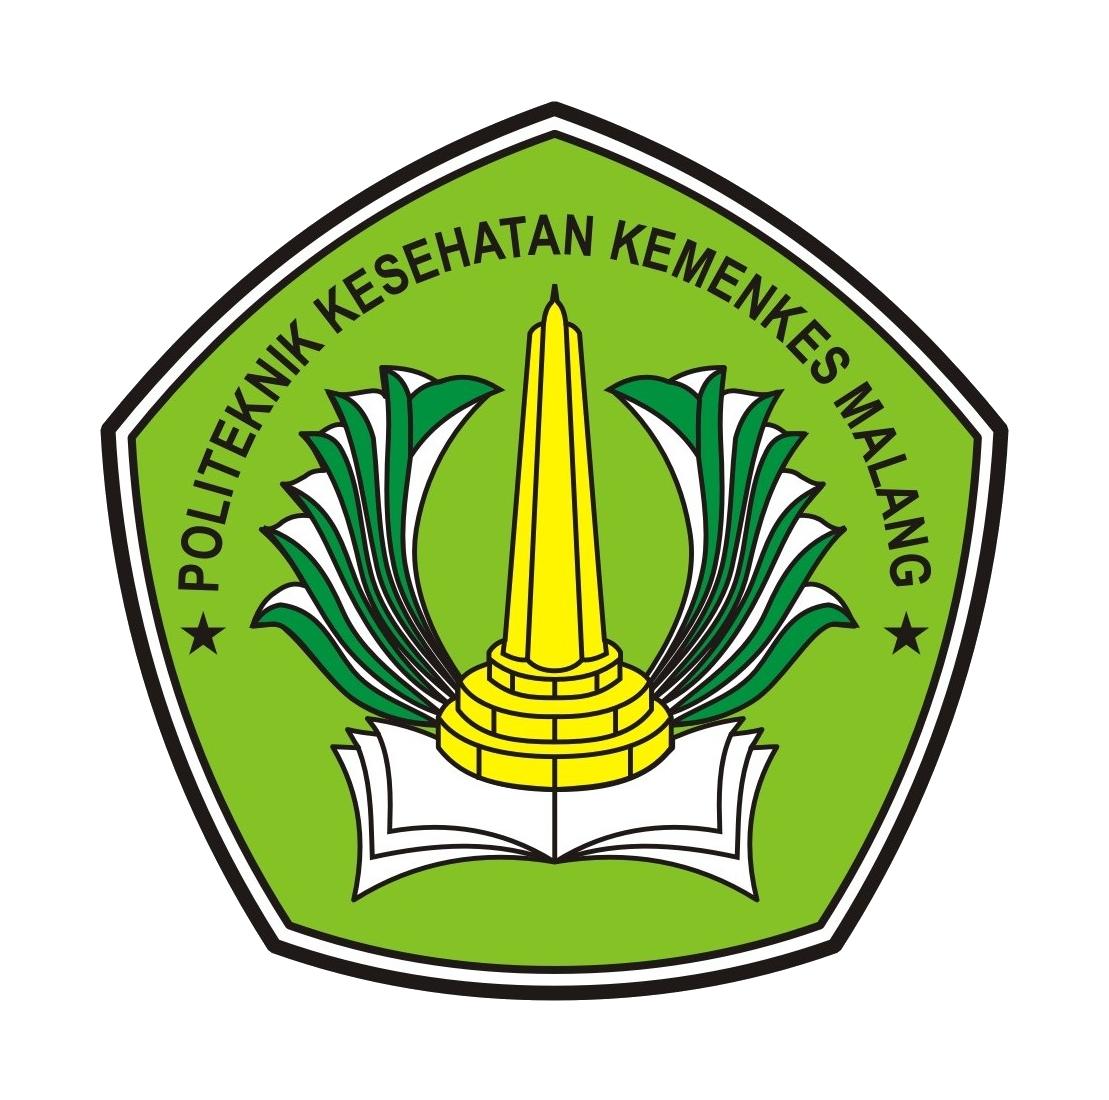 Logo Poltekkes Malang (Politeknik Kesehatan Malang)